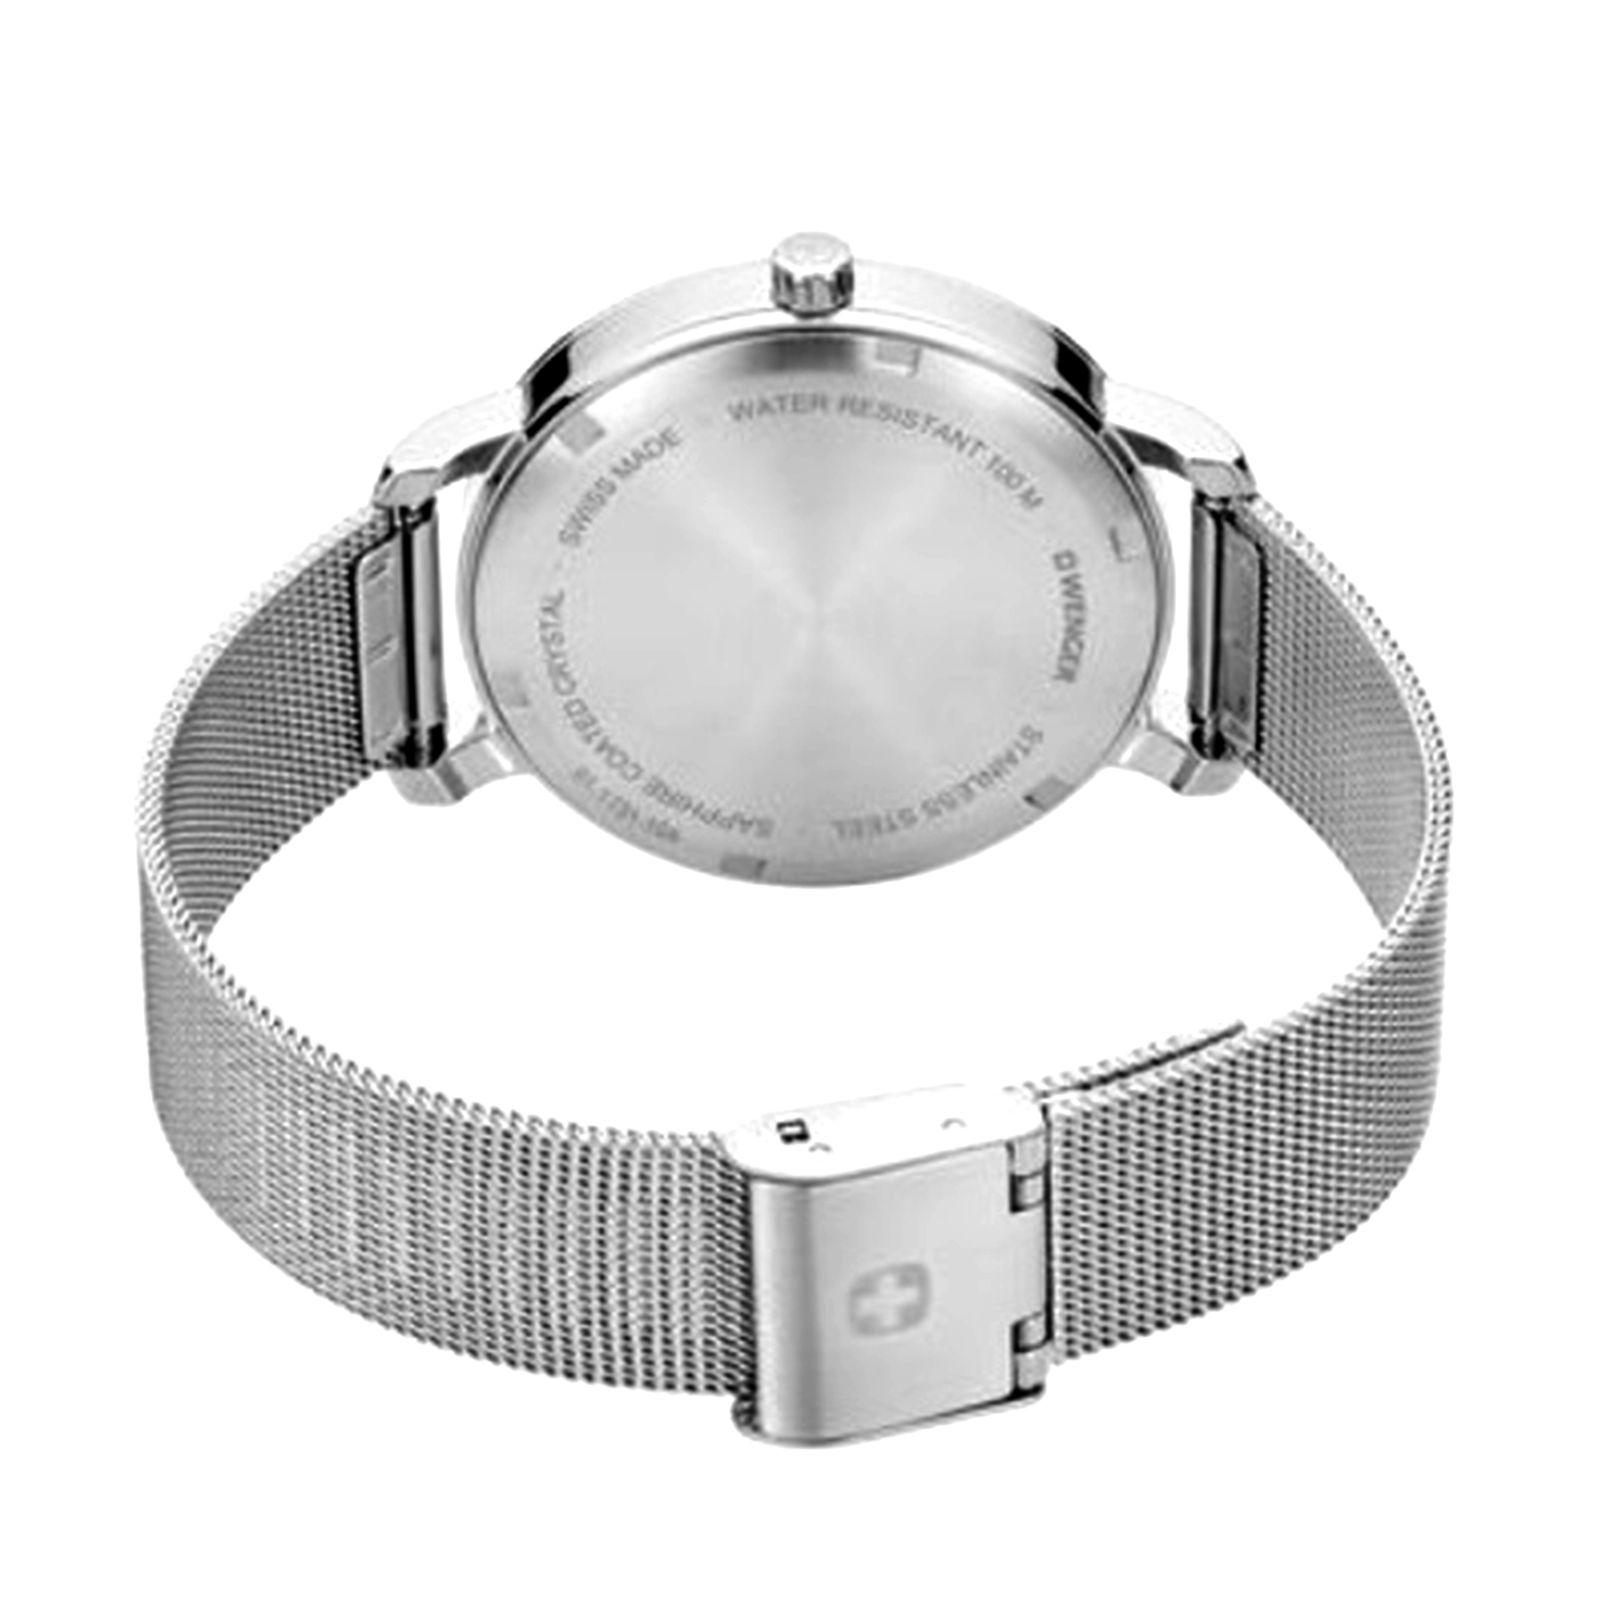 ساعت مچی عقربه ای مردانه ونگر مدل 01.1731.104 -  - 4